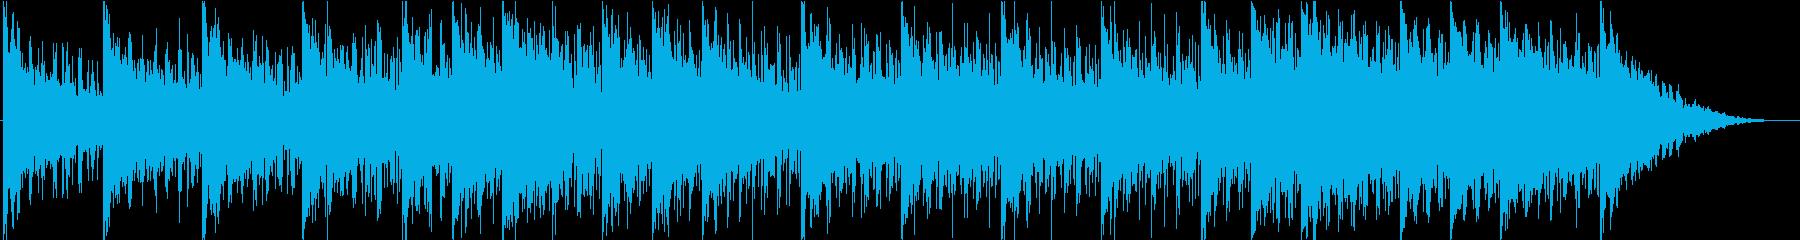 アンビエント、背景の再生済みの波形